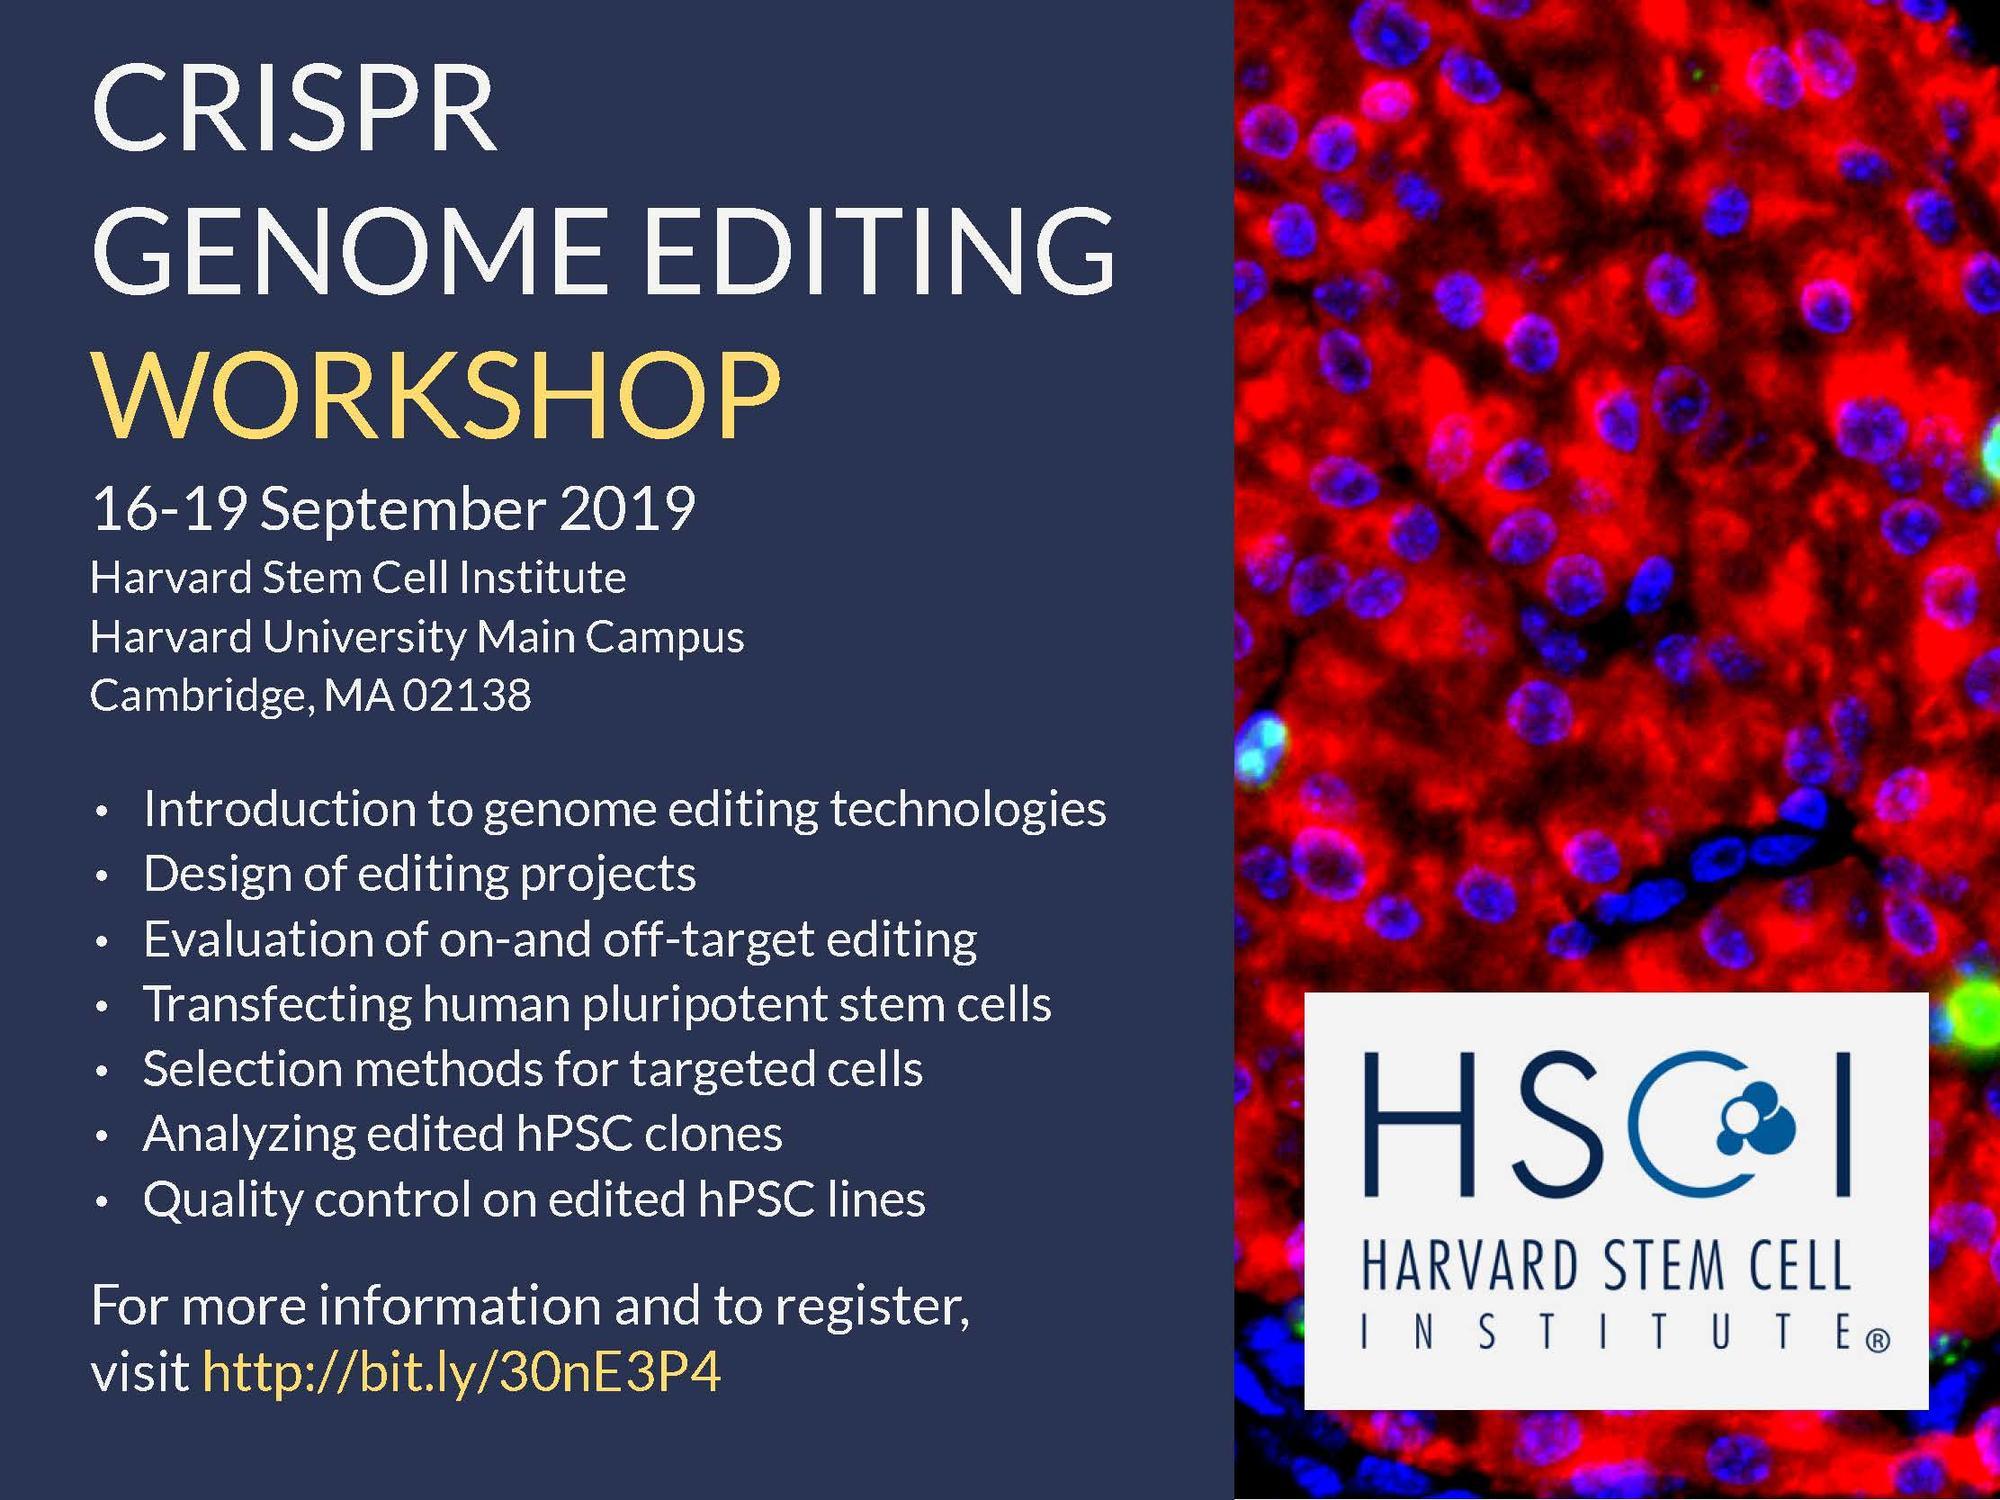 Harvard Stem Cell Institute (HSCI)